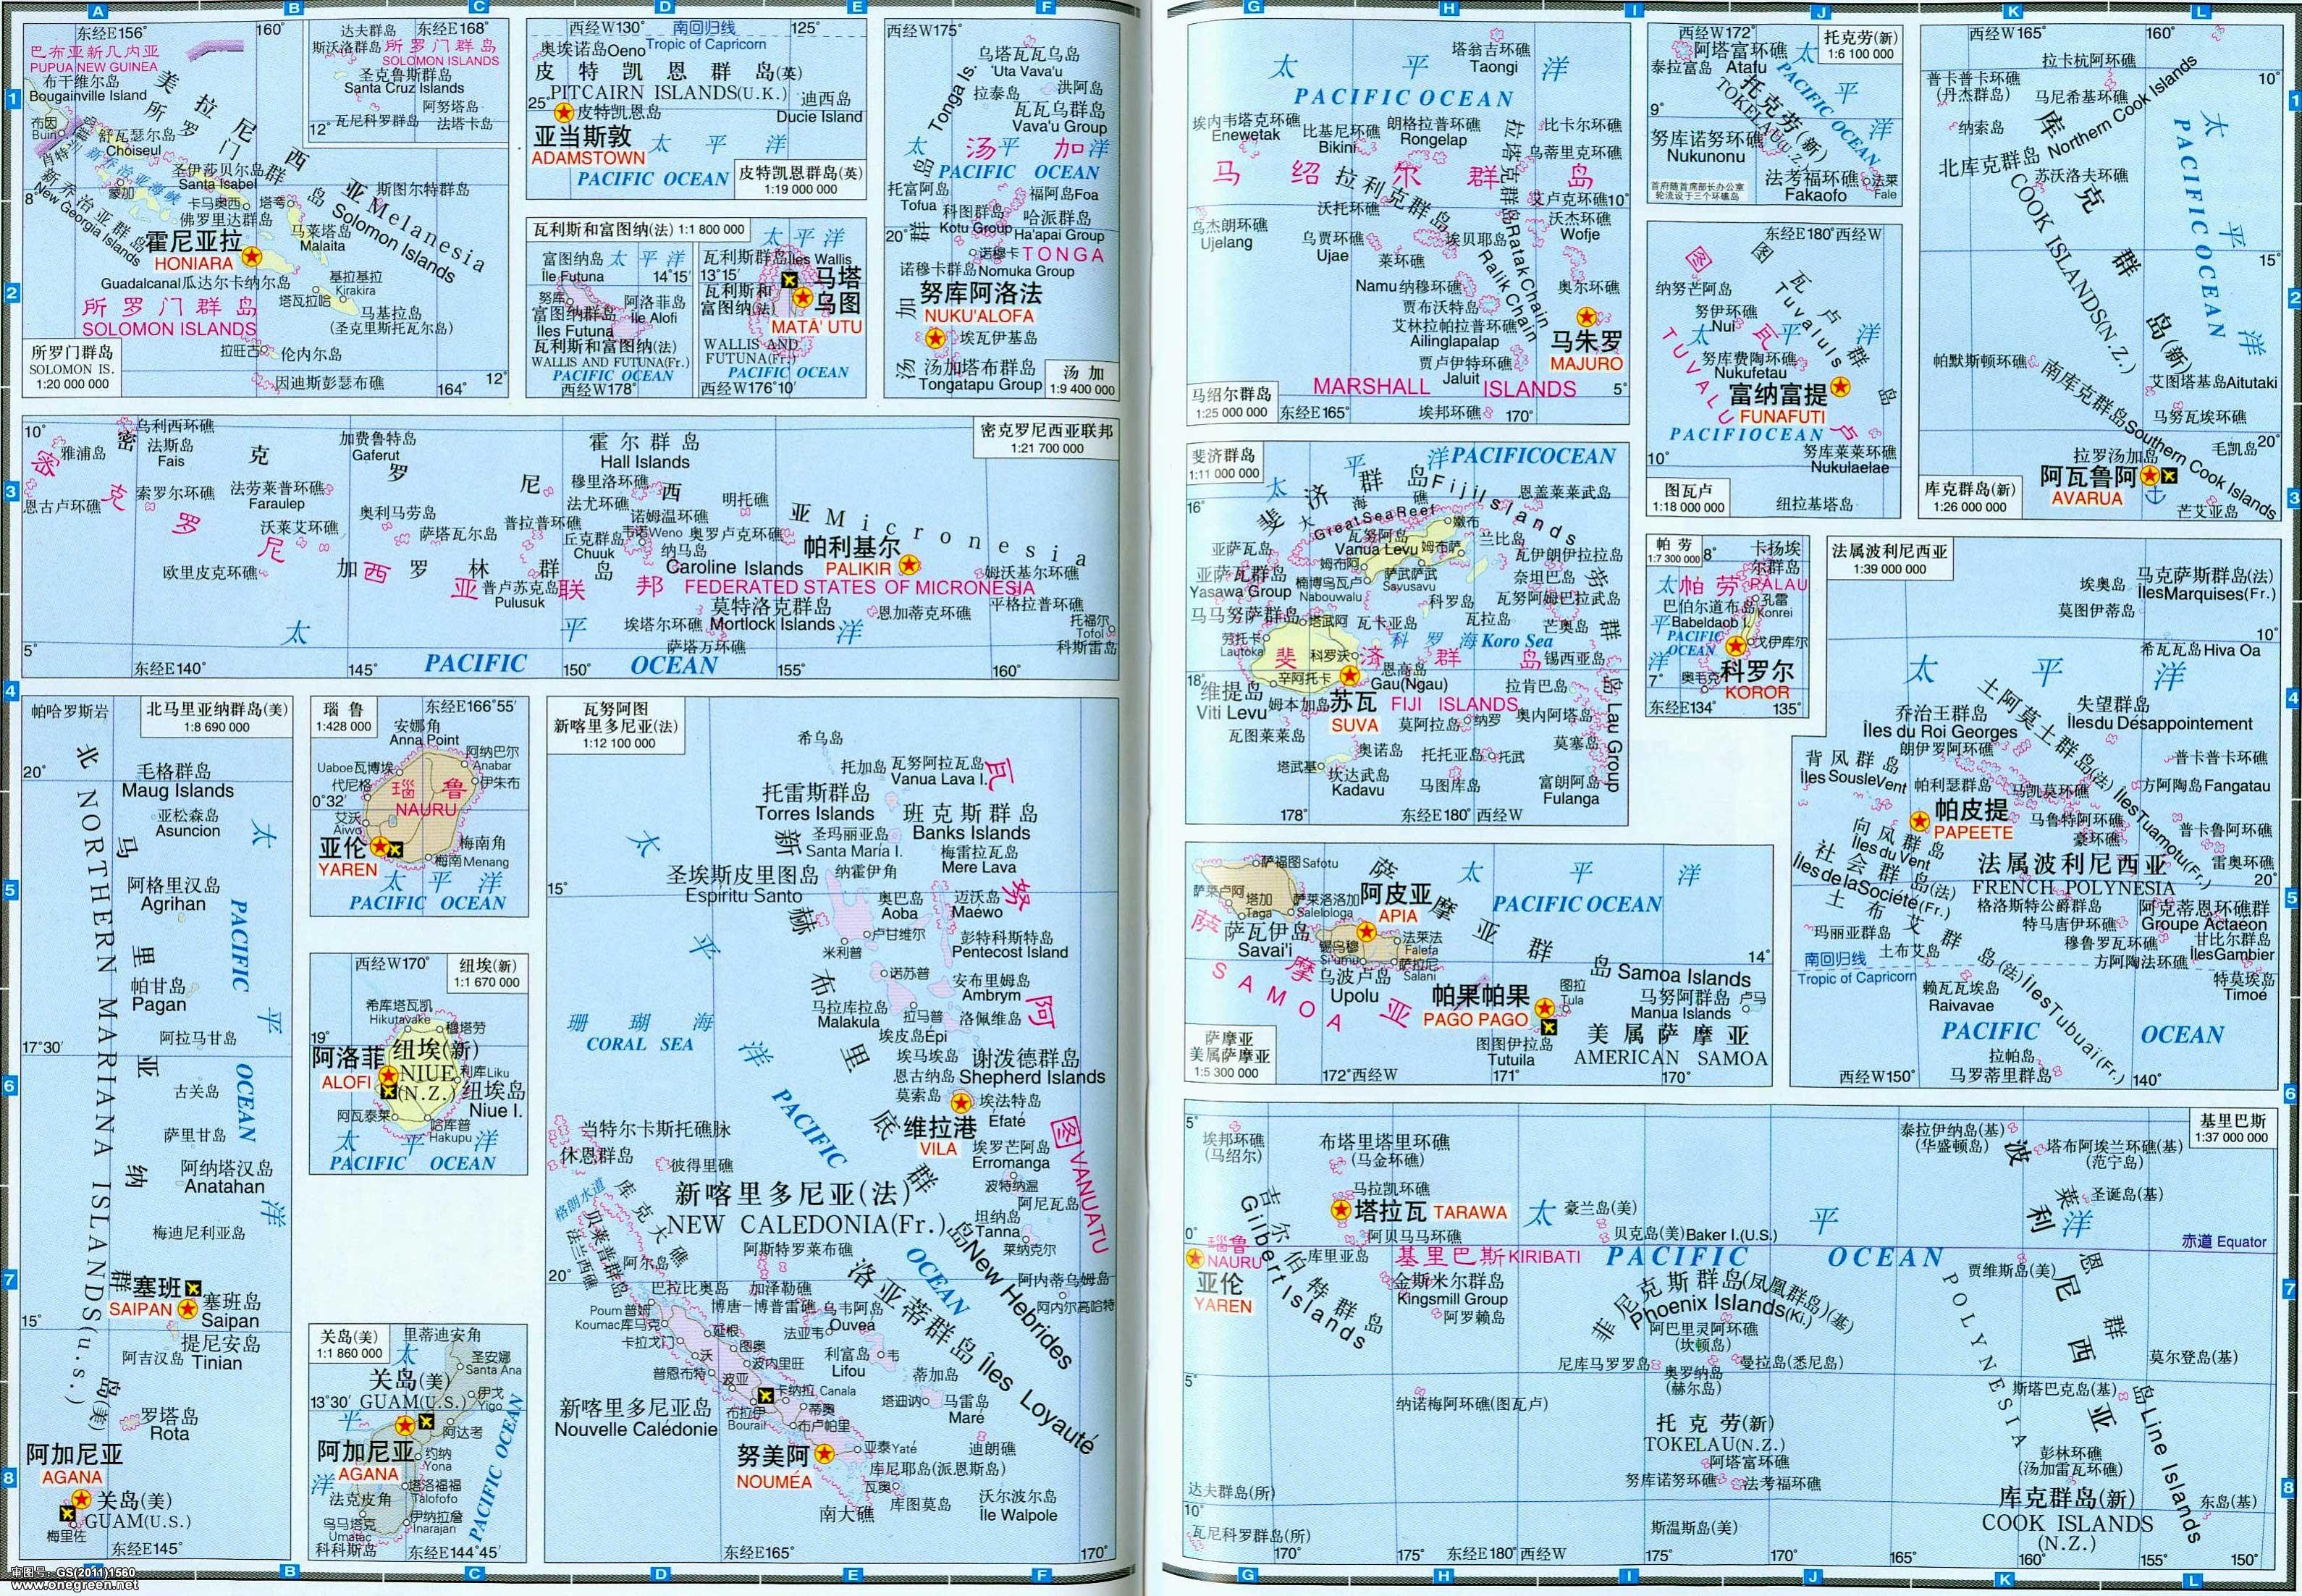 地图库 世界地图 海洋 >> 太平洋主要岛屿地图